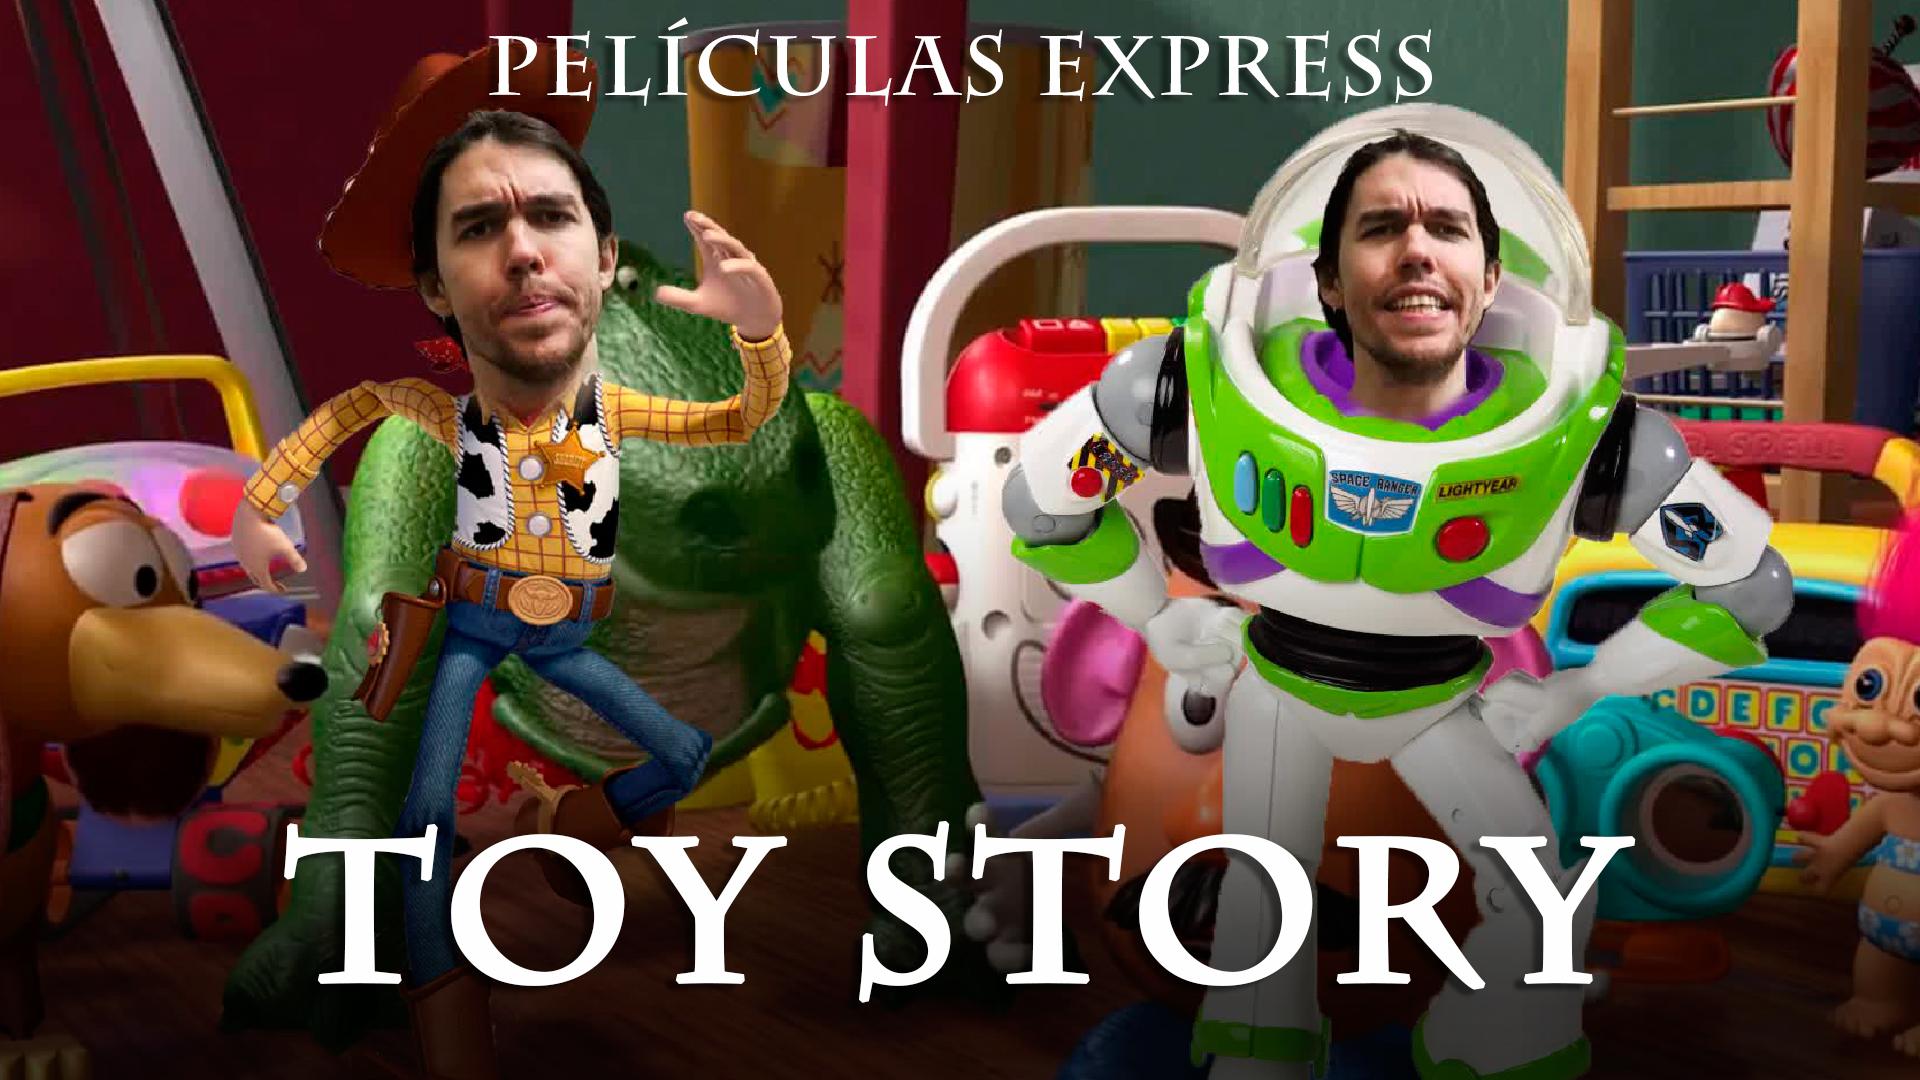 Temporada 1 Toy Story en 30 segundos